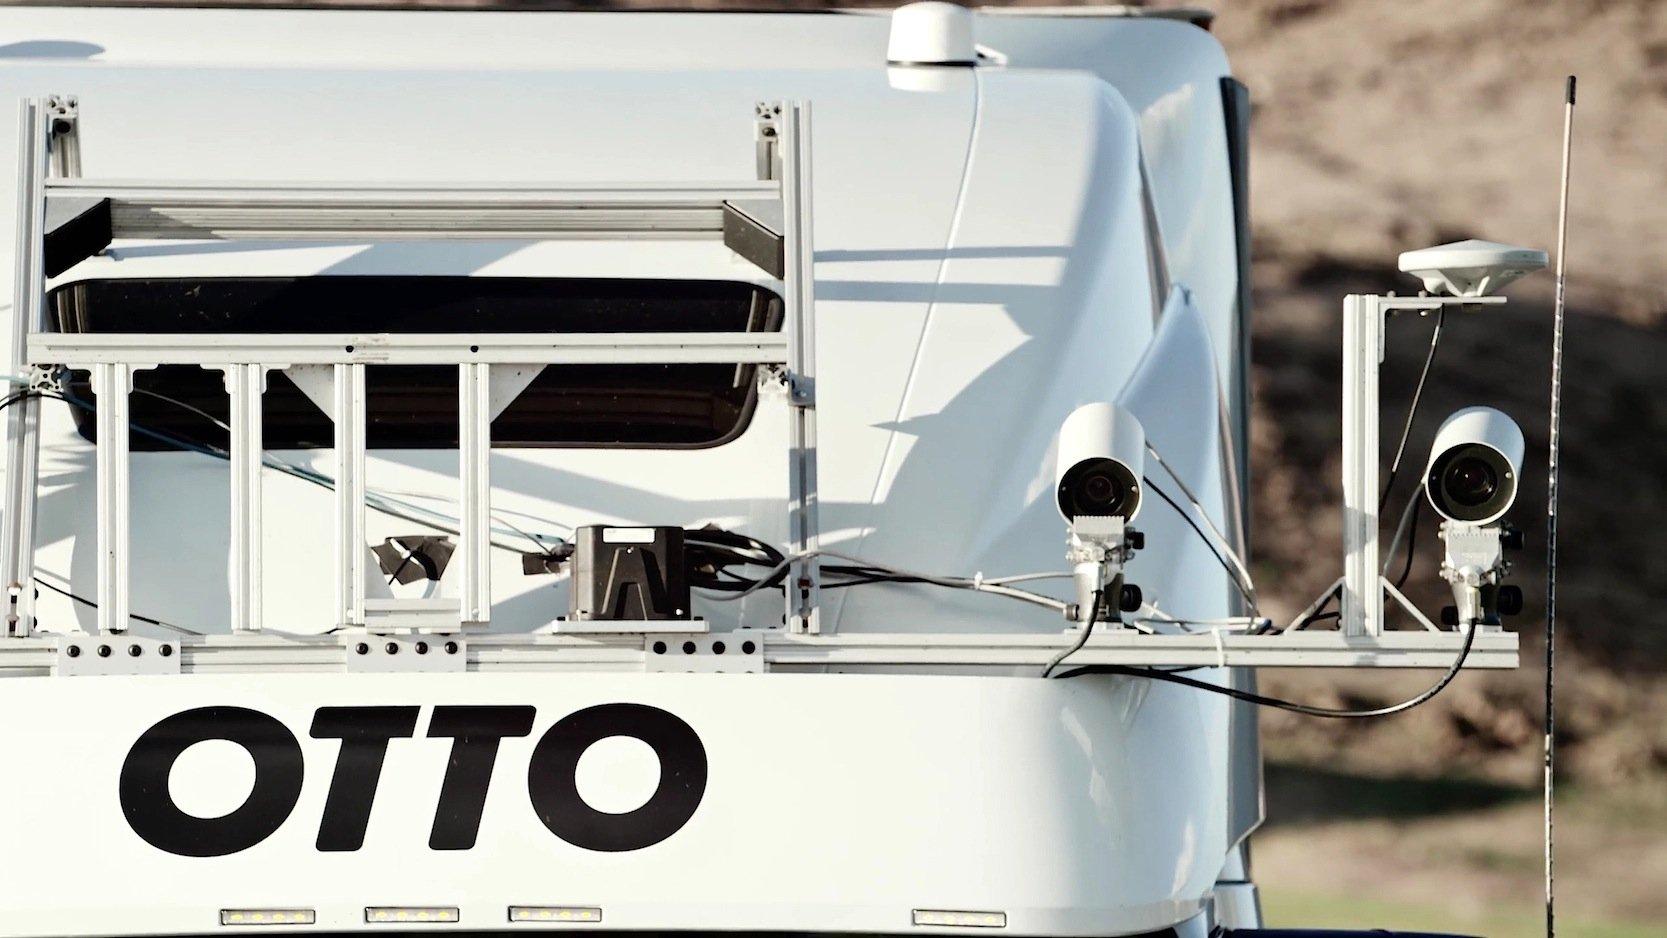 Beim Prototypen hatten die Ingenieure die Kameras und Sensoren oben am Fahrerhaus angebracht.